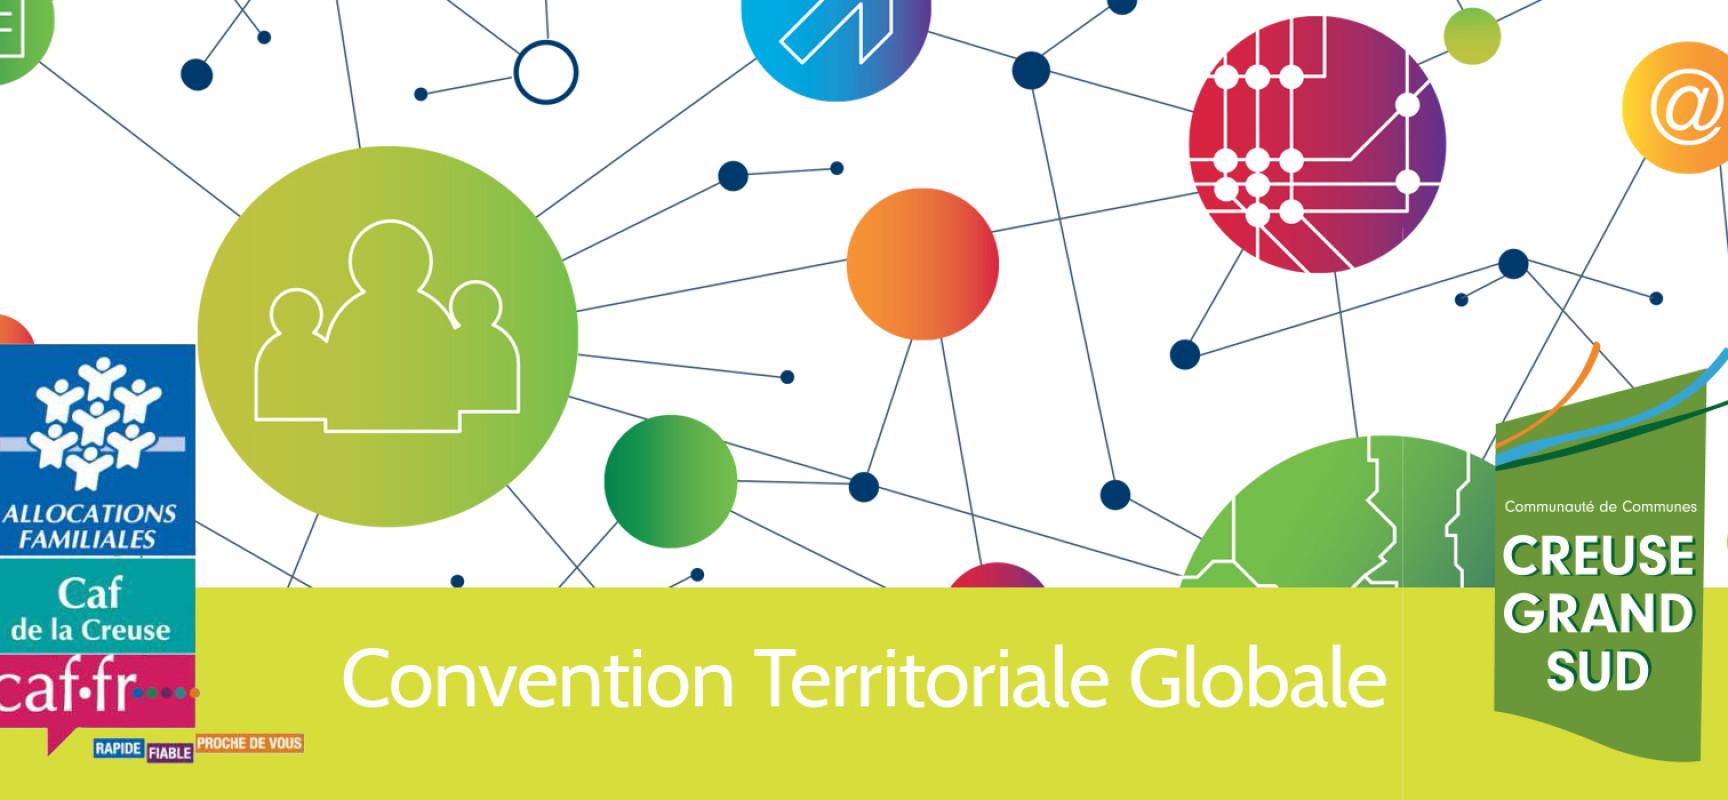 La première Convention Territoriale Globale signée en Creuse entre la Caisse d'Allocations Familiales et la Communauté de Communes Creuse Grand Sud